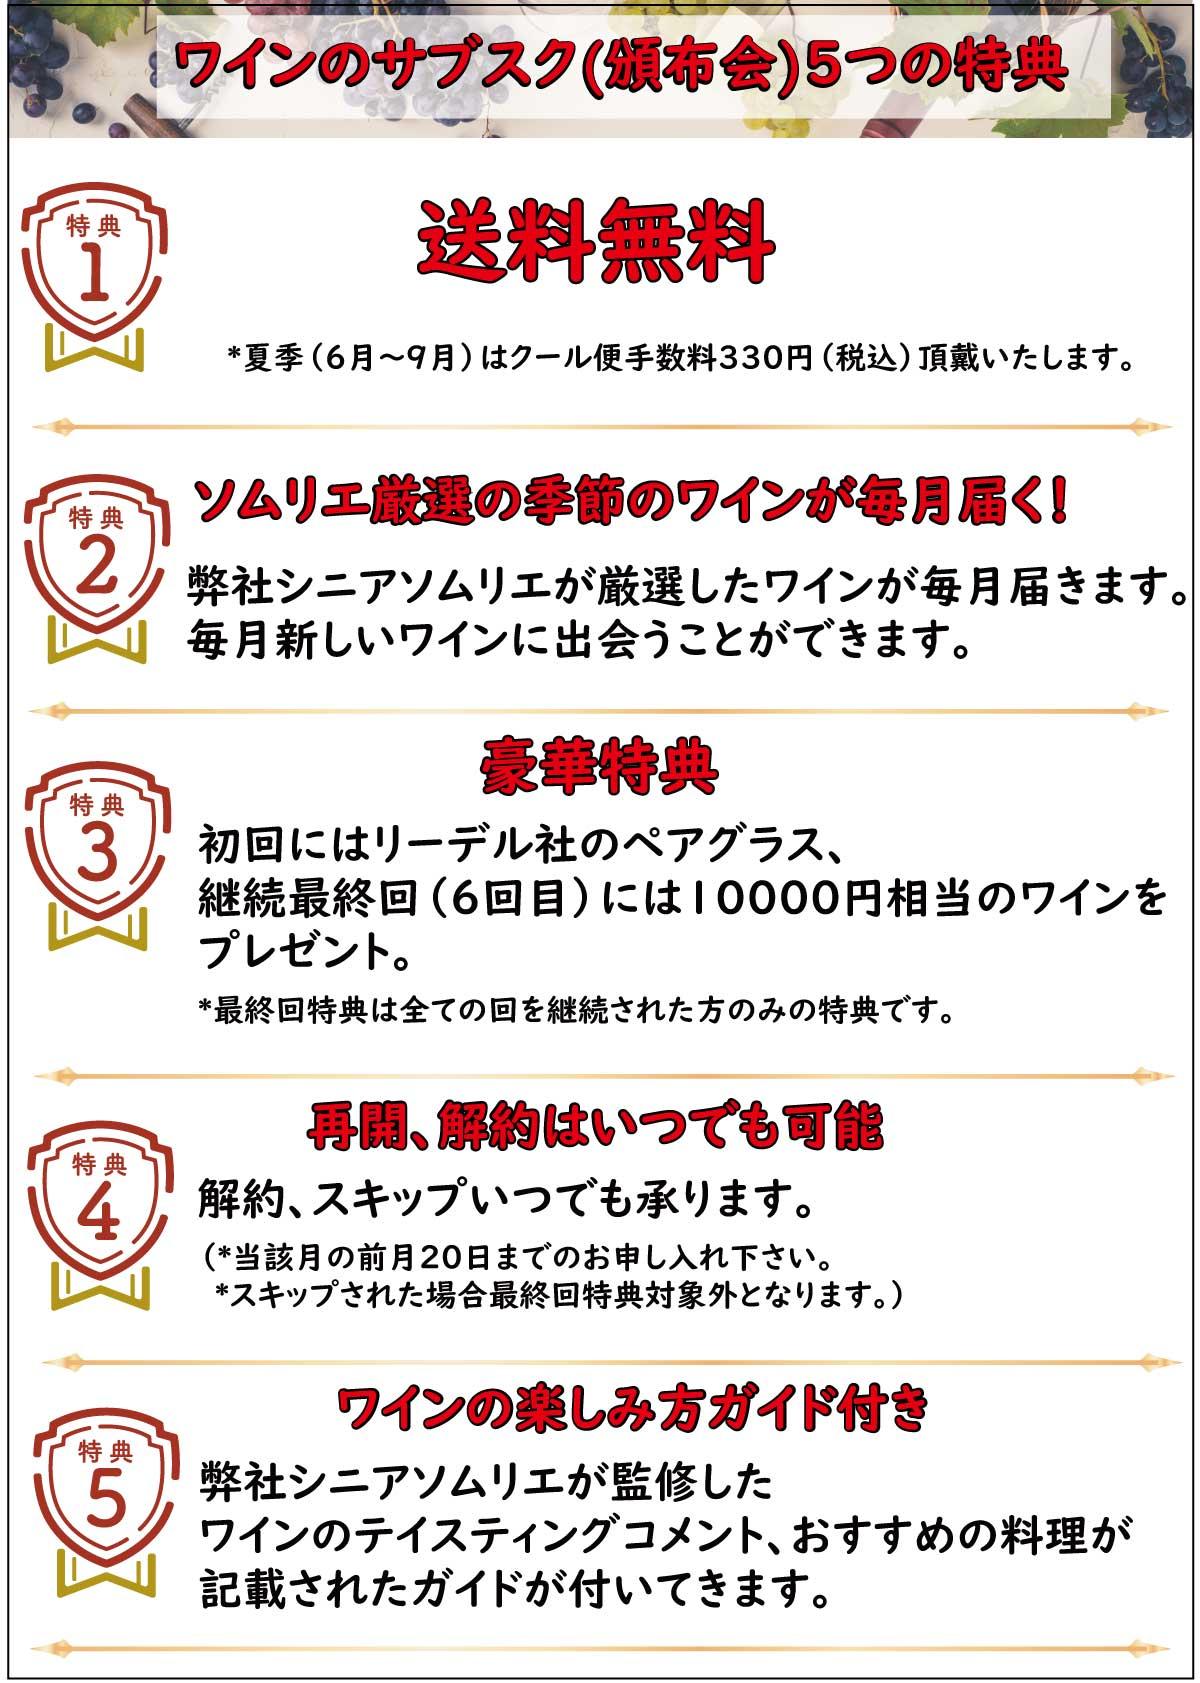 5つの特典.jpg